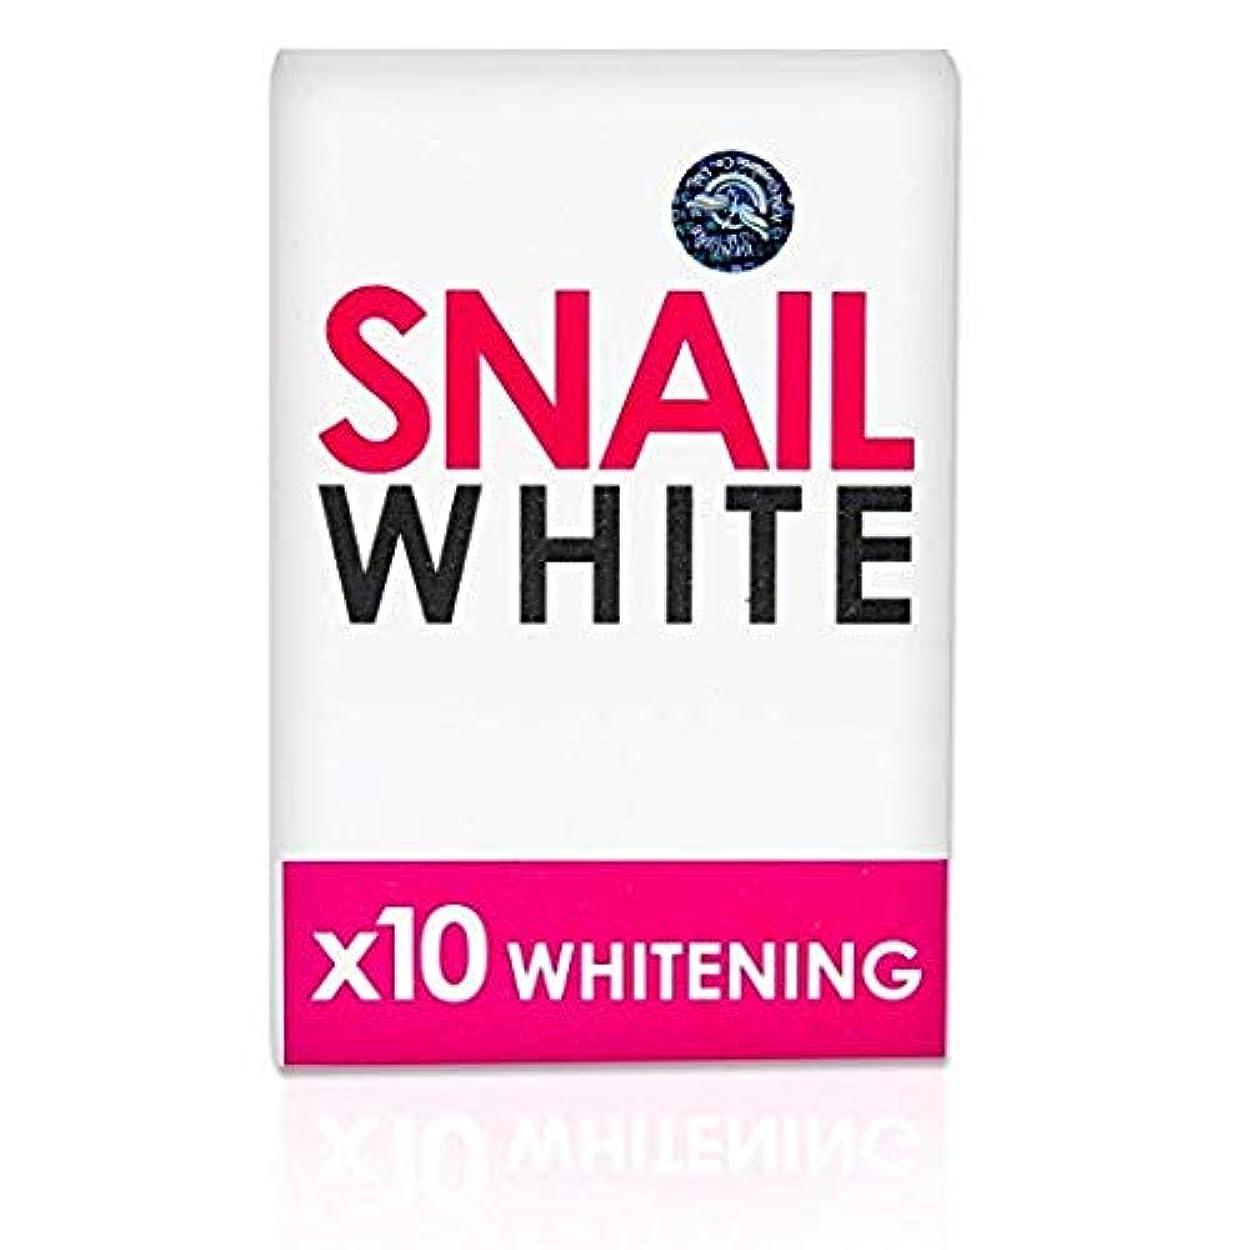 無許可墓精通したスネイルホワイト Gluta Snail White x10 Whitening by Dream ホワイトニング 固形石鹸 2個